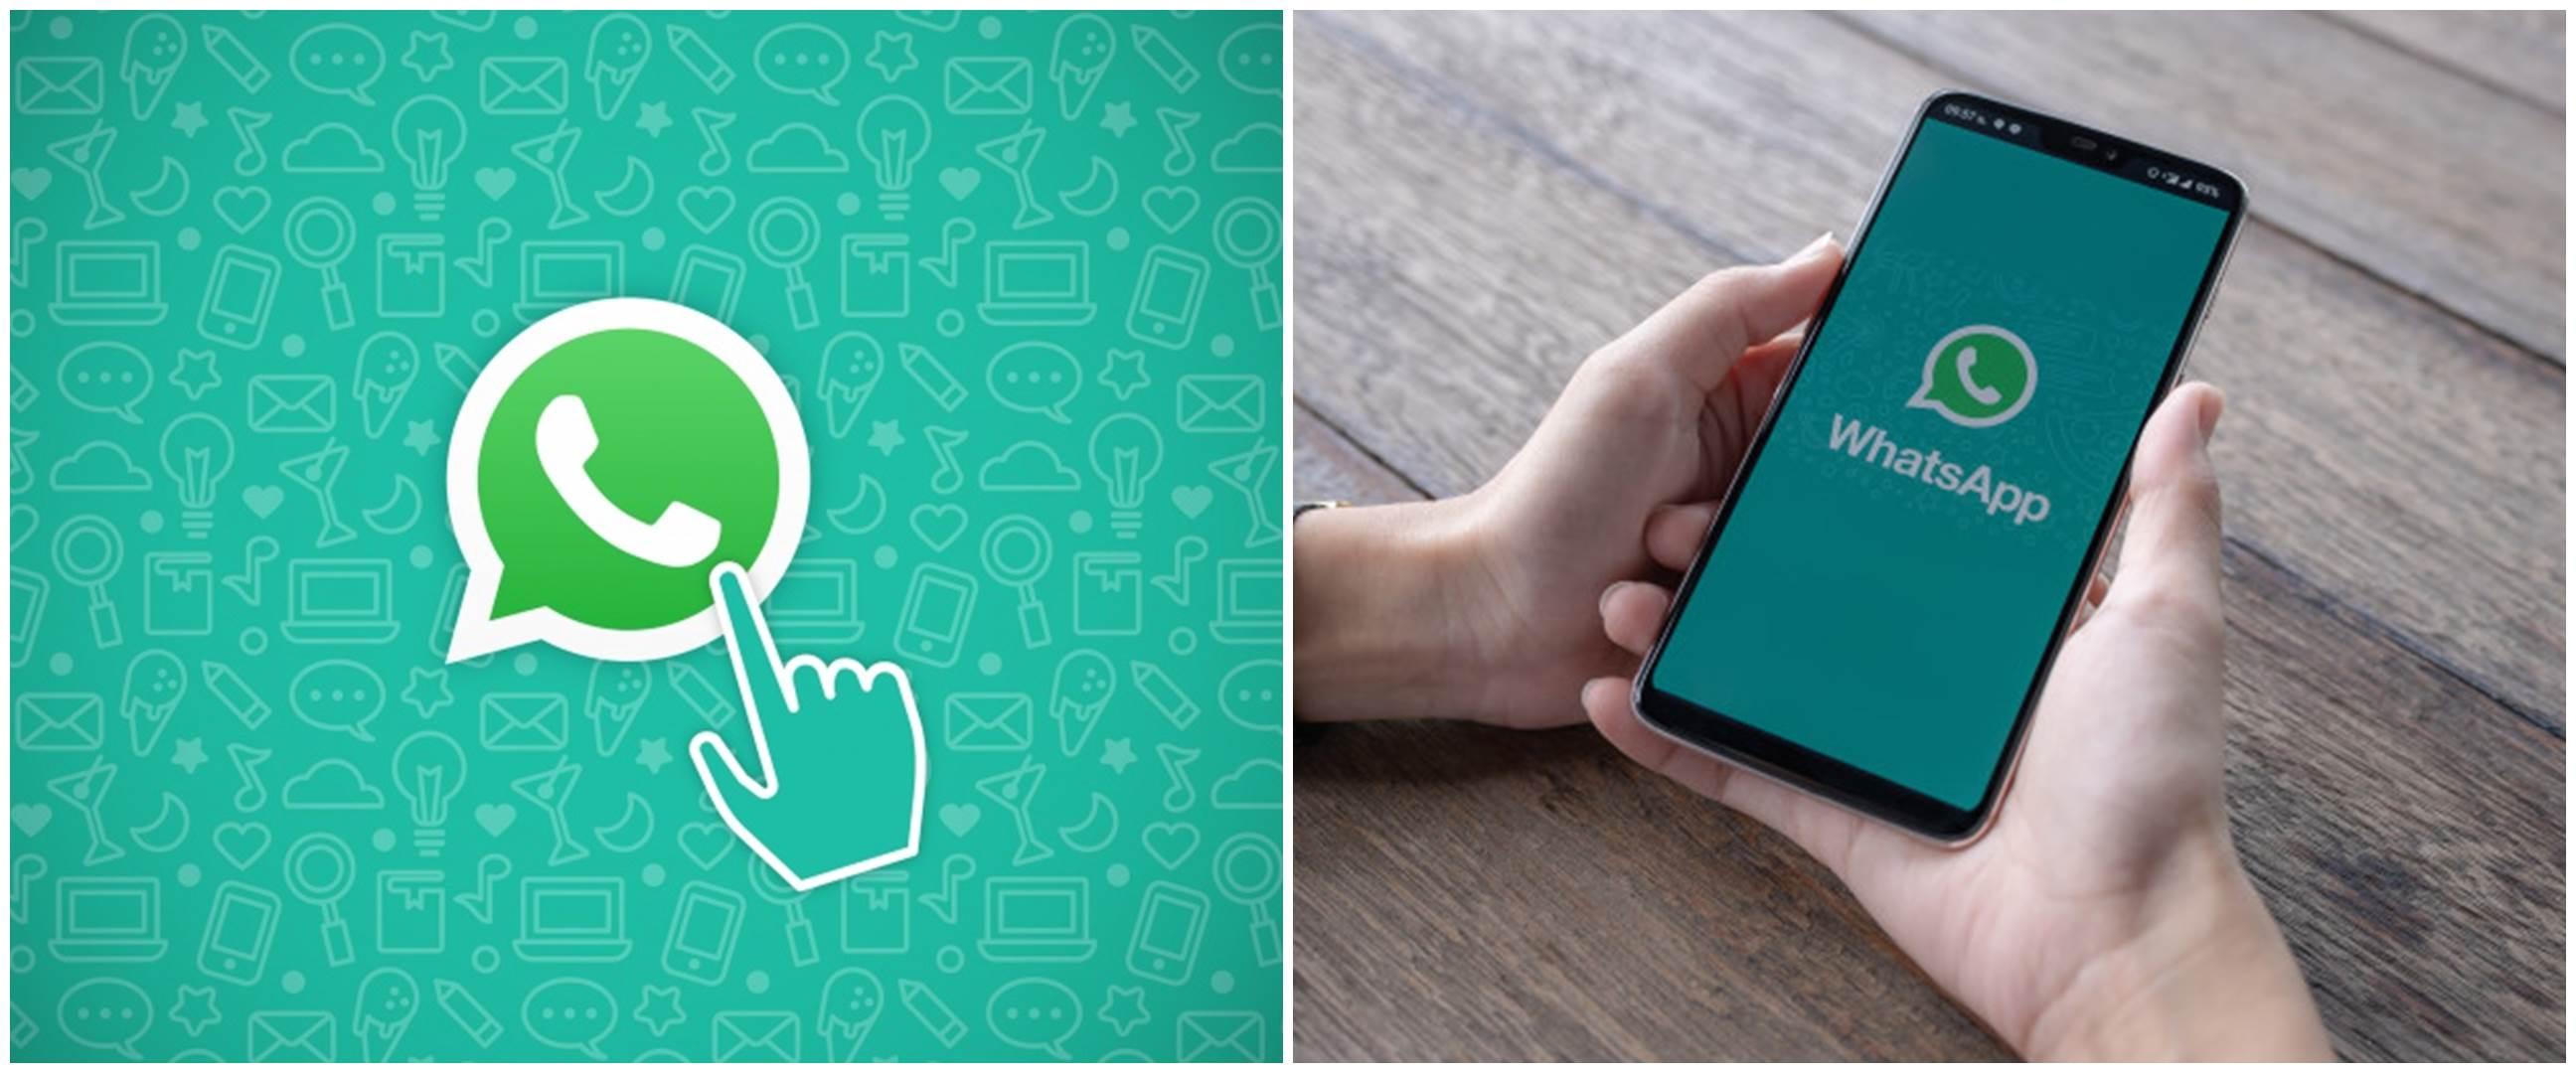 Cara mematikan notifikasi grup WhatsApp (WA) di Android